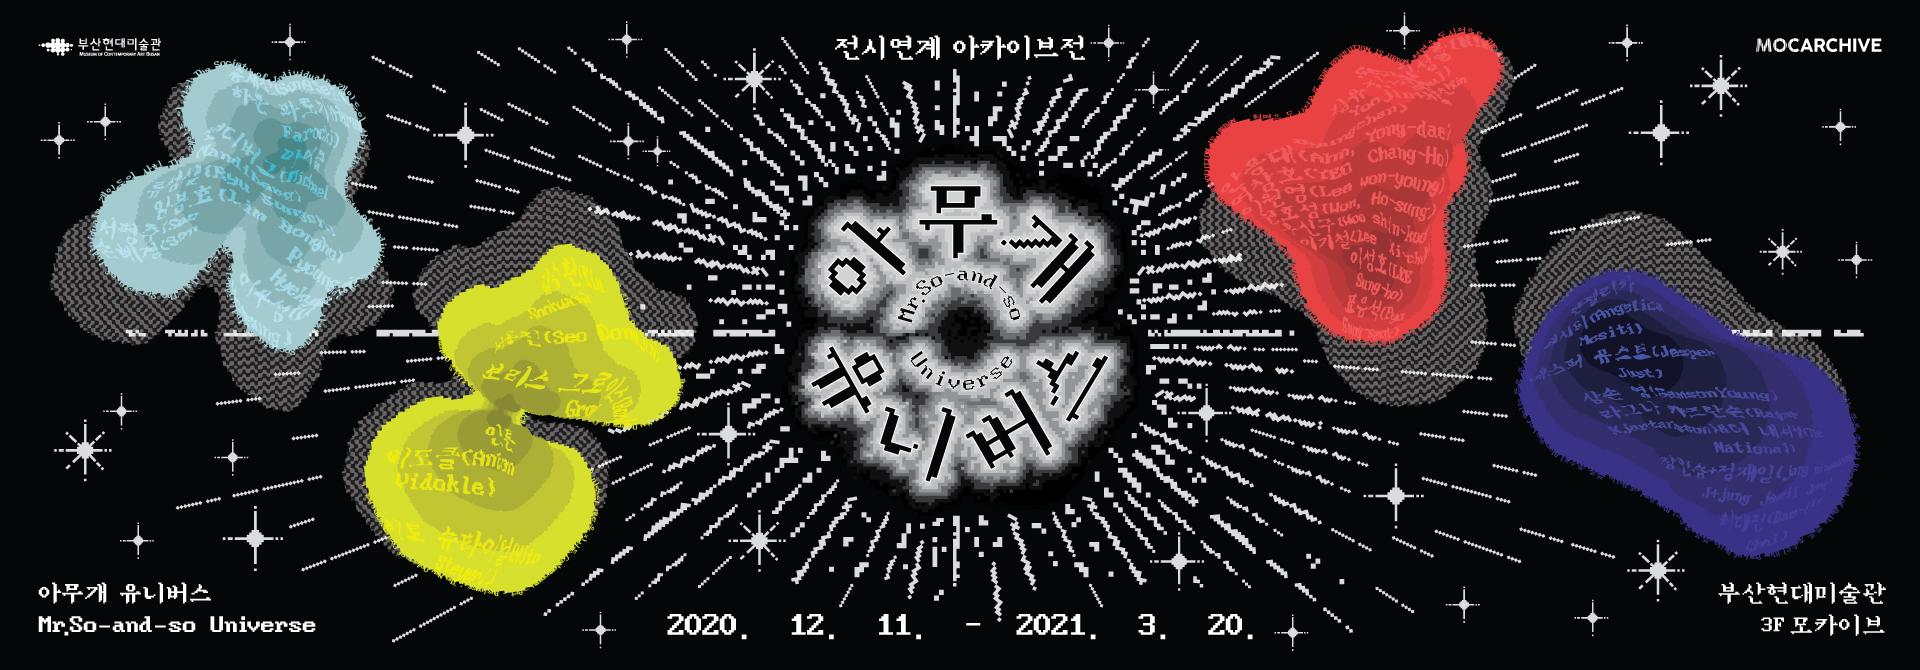 전시연계 아카이브전 MOCARCHIVE 아무개 유니버스 Mr.So-and-so Universe  2020. 12. 11. - 2021. 3. 20.   부산현대미술관 3F 모카이브